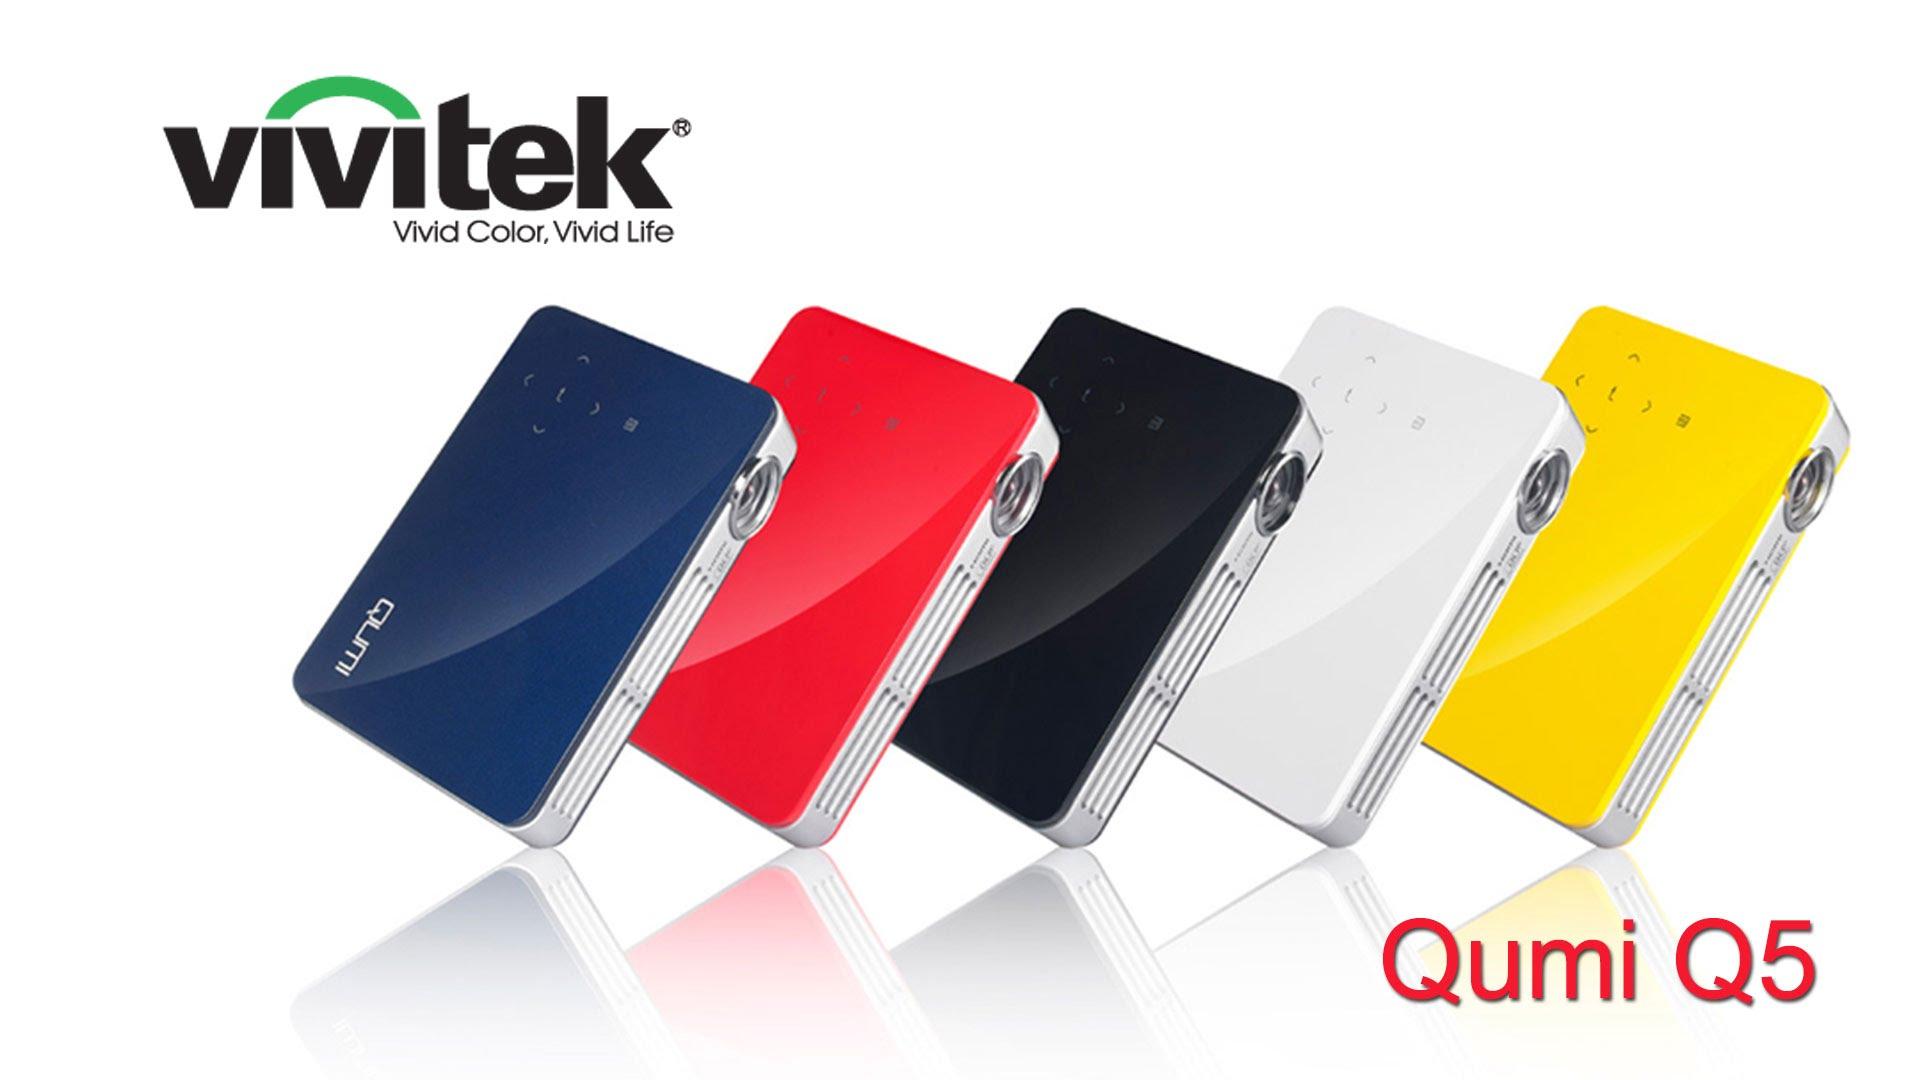 ต่อมือถือ Wireless!!! Vivitek Qumi Q5 โปรเจคเตอร์ระดับซูเปอร์มินิ 500LM ฉายได้ 20-120 นิ้ว ชัดสวดยวดระดับ HD 720p (1280*720) สำหรับงาน ออฟฟิส นำเสนอ พกพาโดยเฉพาะ